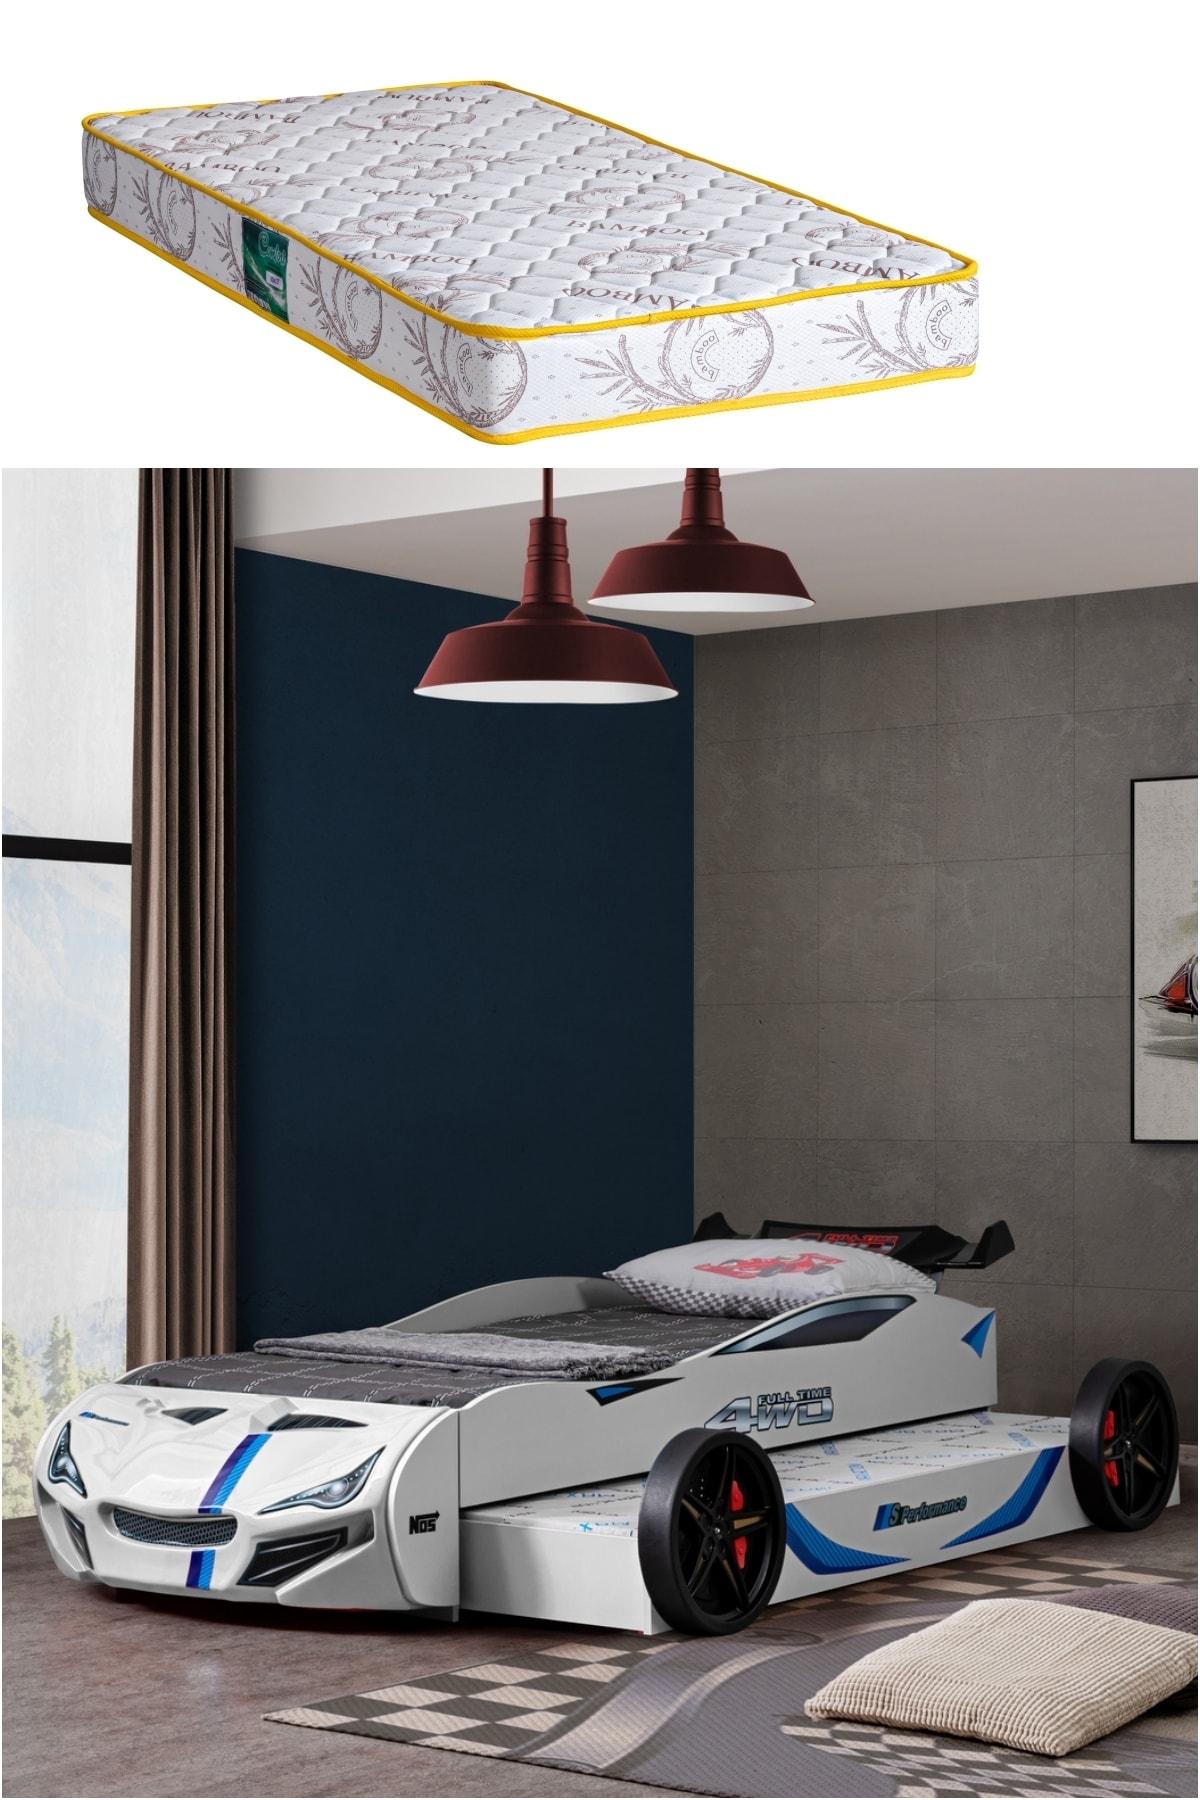 Setay Beyaz Merso Yavrulu Rüzgarlıklı Araba Yatak + Comfort Yatak 1